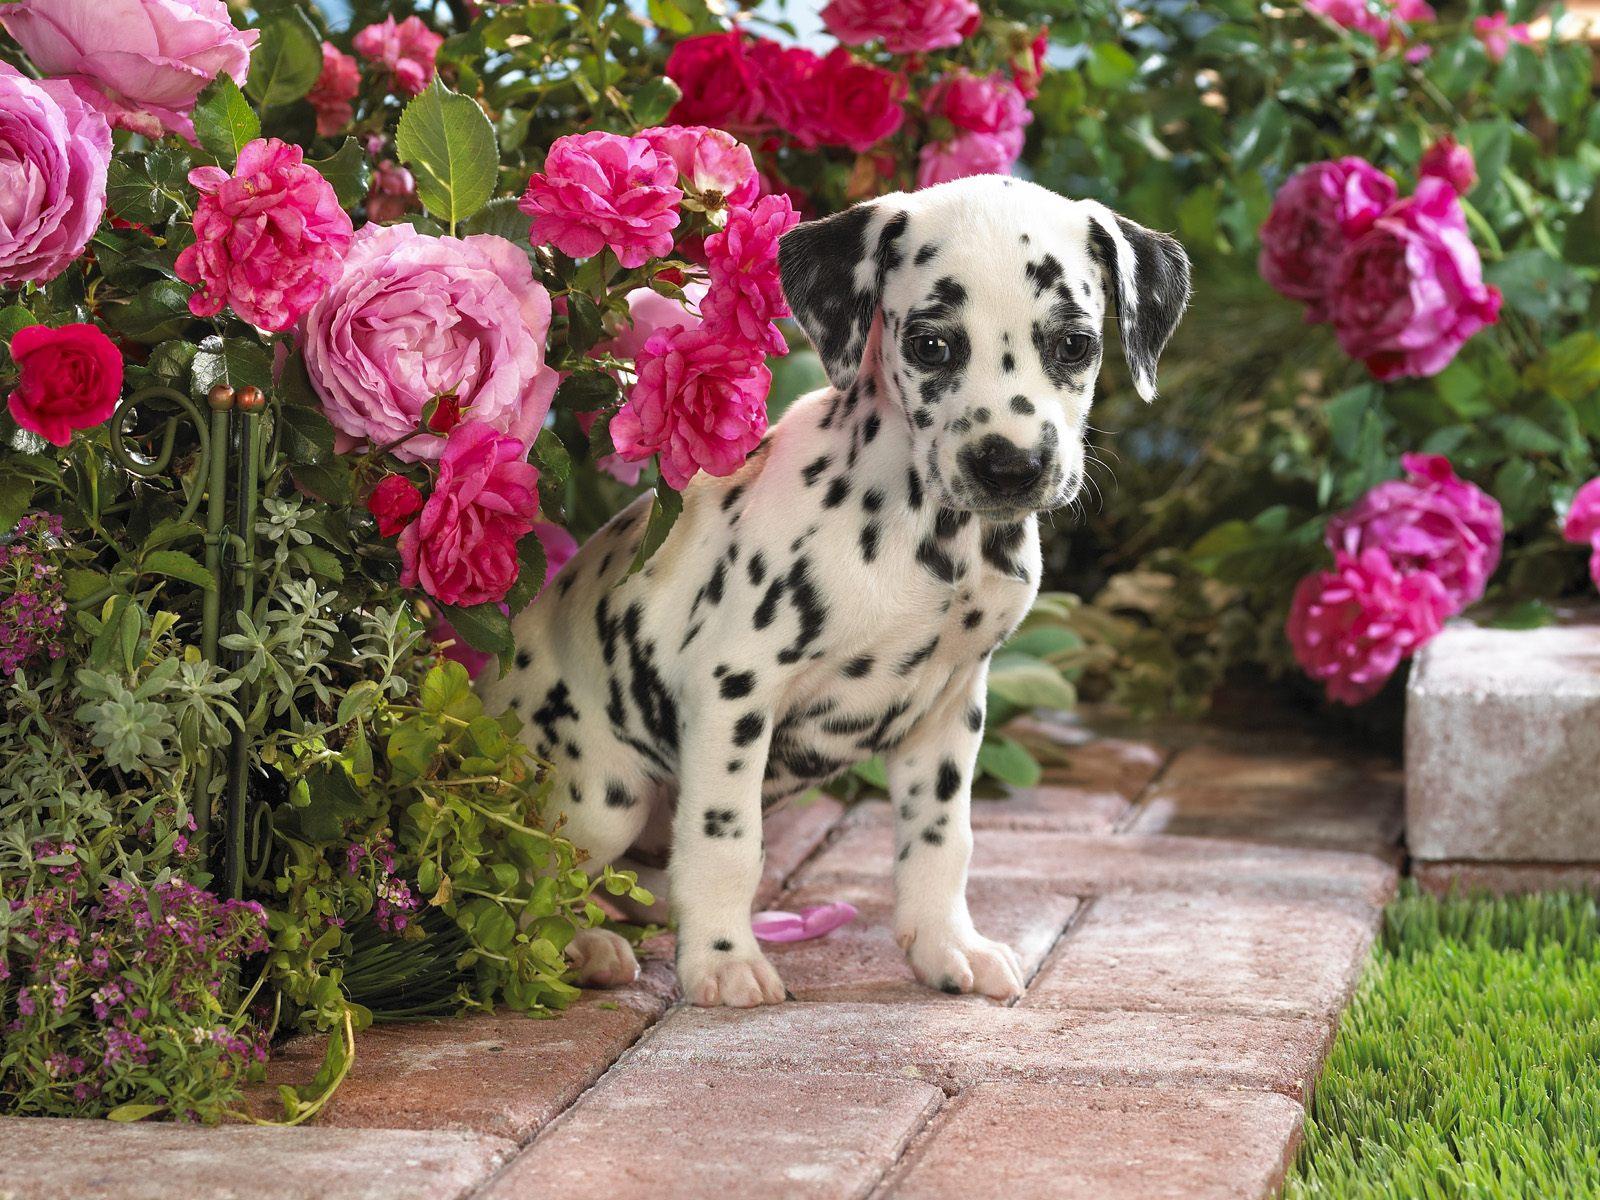 http://1.bp.blogspot.com/-PmXgEm6RMbE/Th7-zH_GL8I/AAAAAAAAAC4/PzqXzOj2W60/s1600/Dalmatian+Dogs+Wallpapers+4.jpg